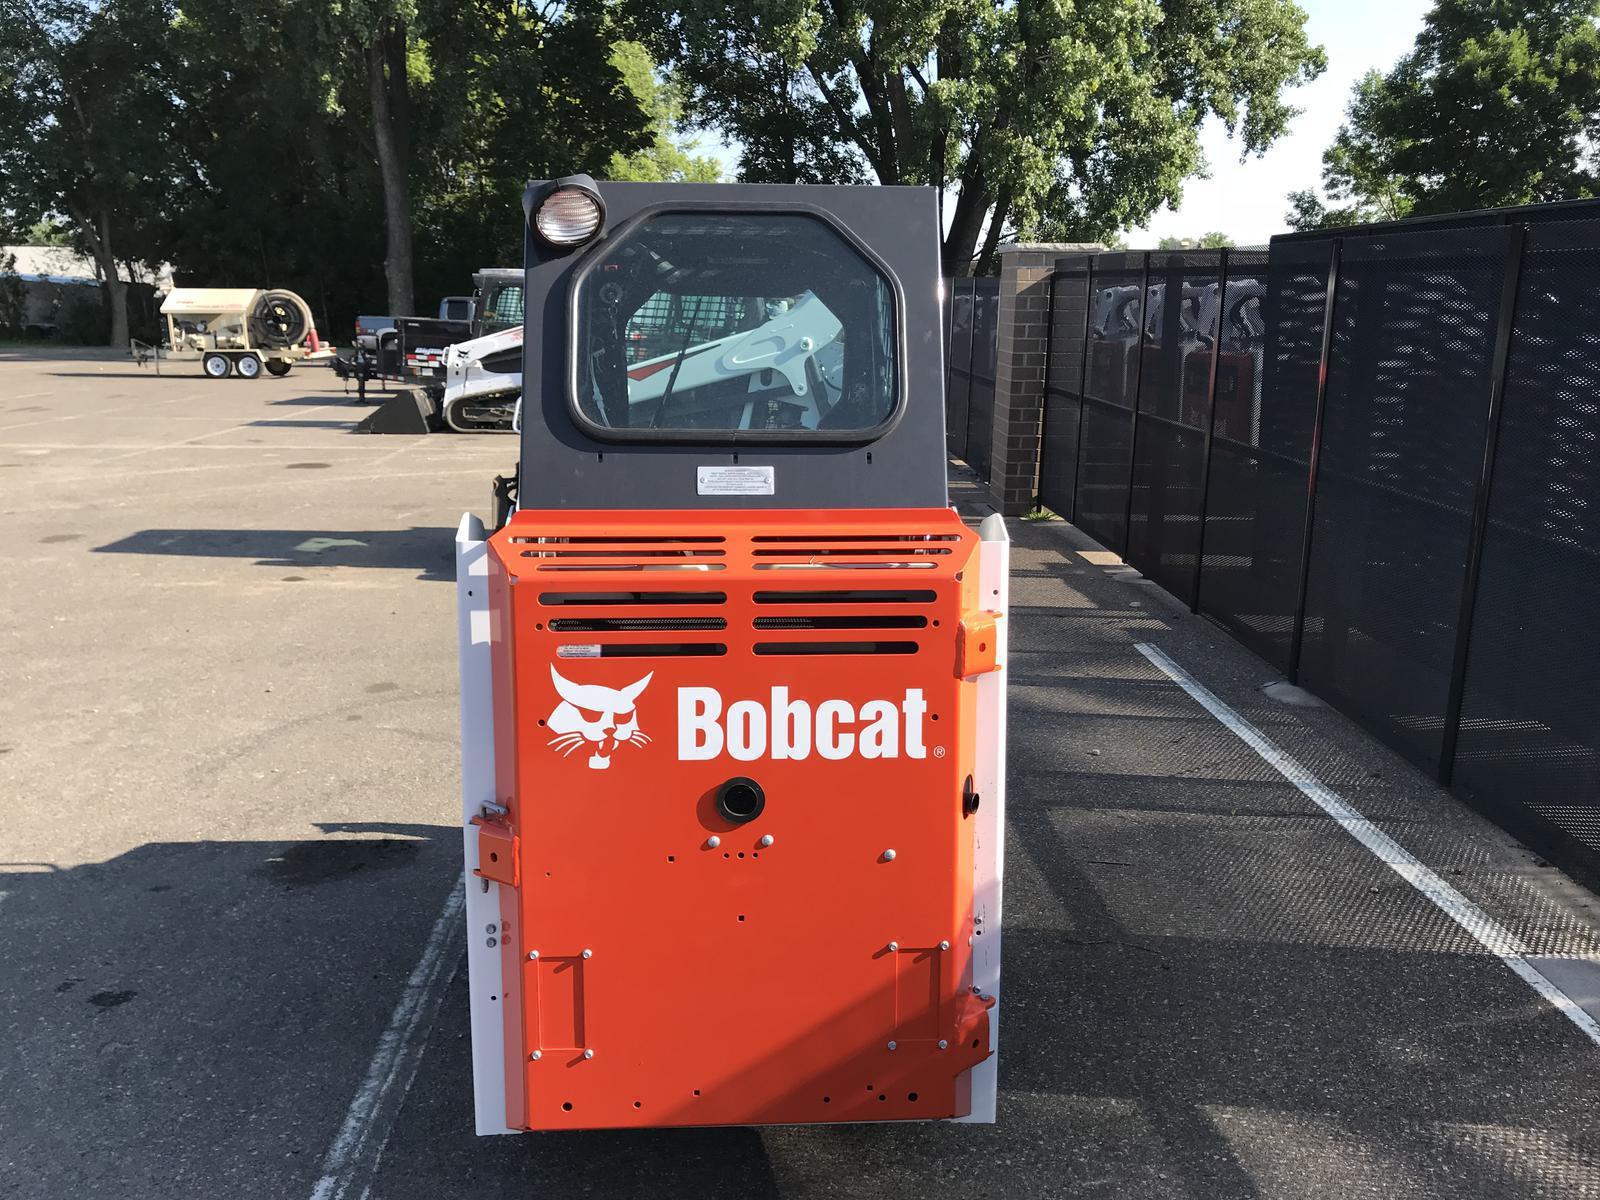 Bobcat Bobtach Repair